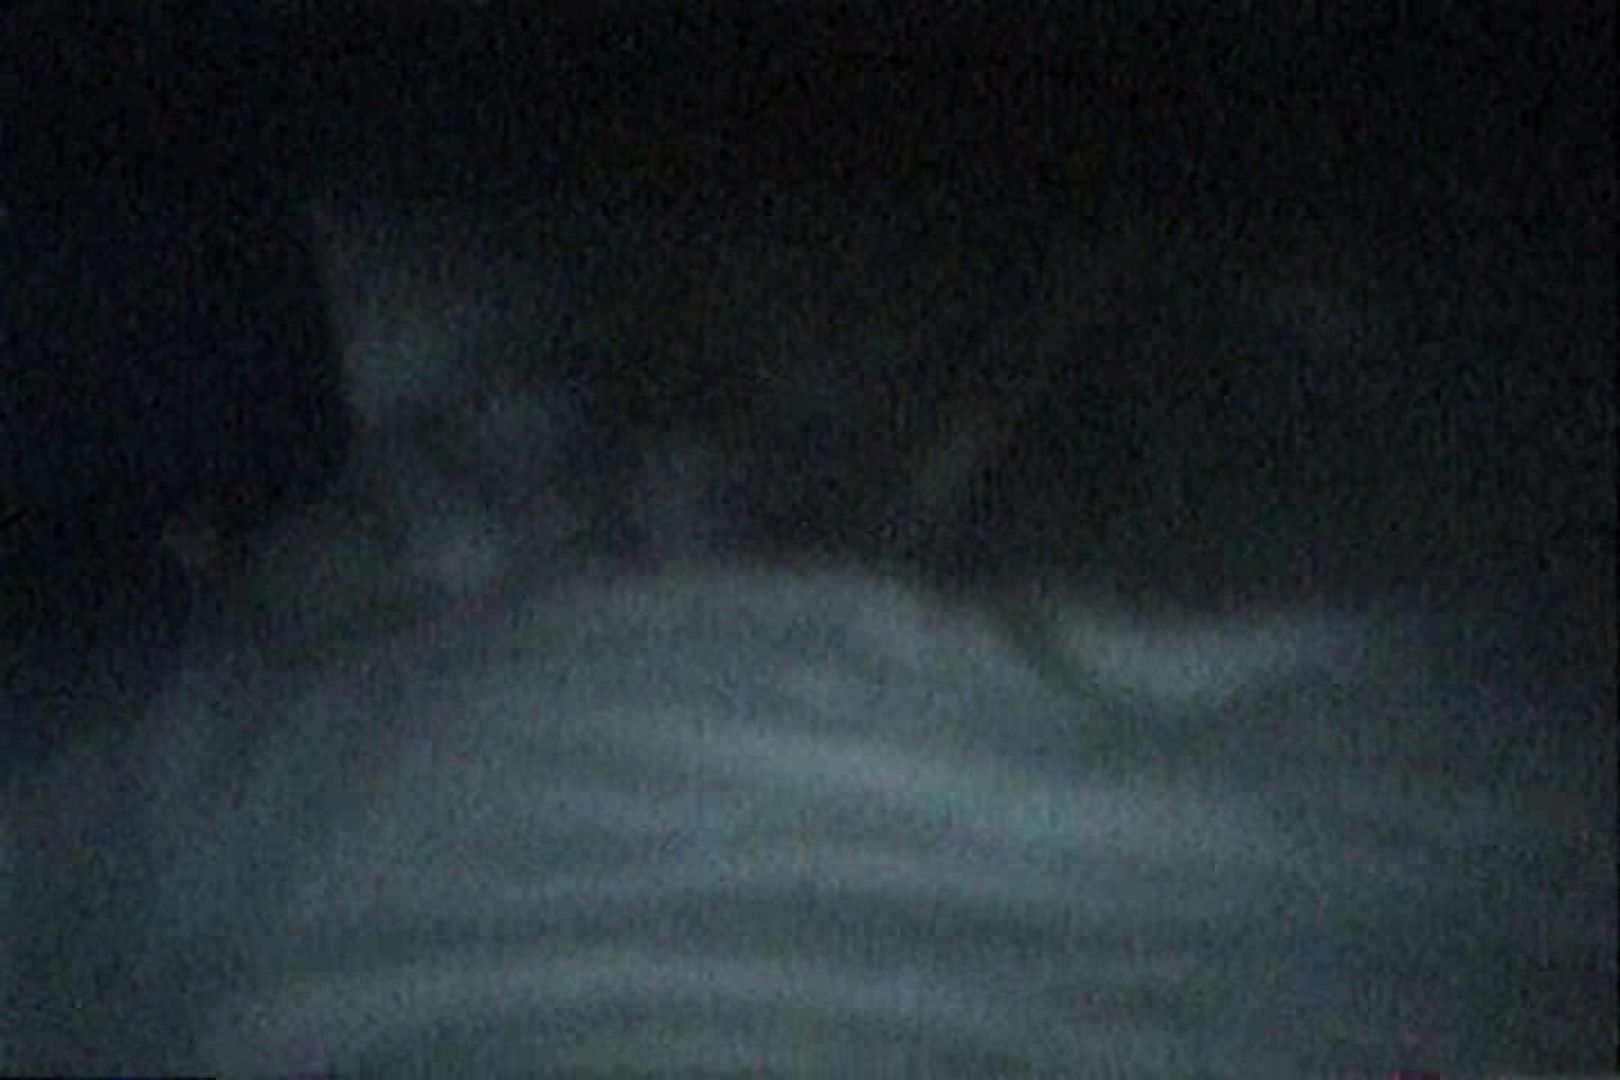 充血監督の深夜の運動会Vol.151 カーセックス AV動画キャプチャ 97画像 23